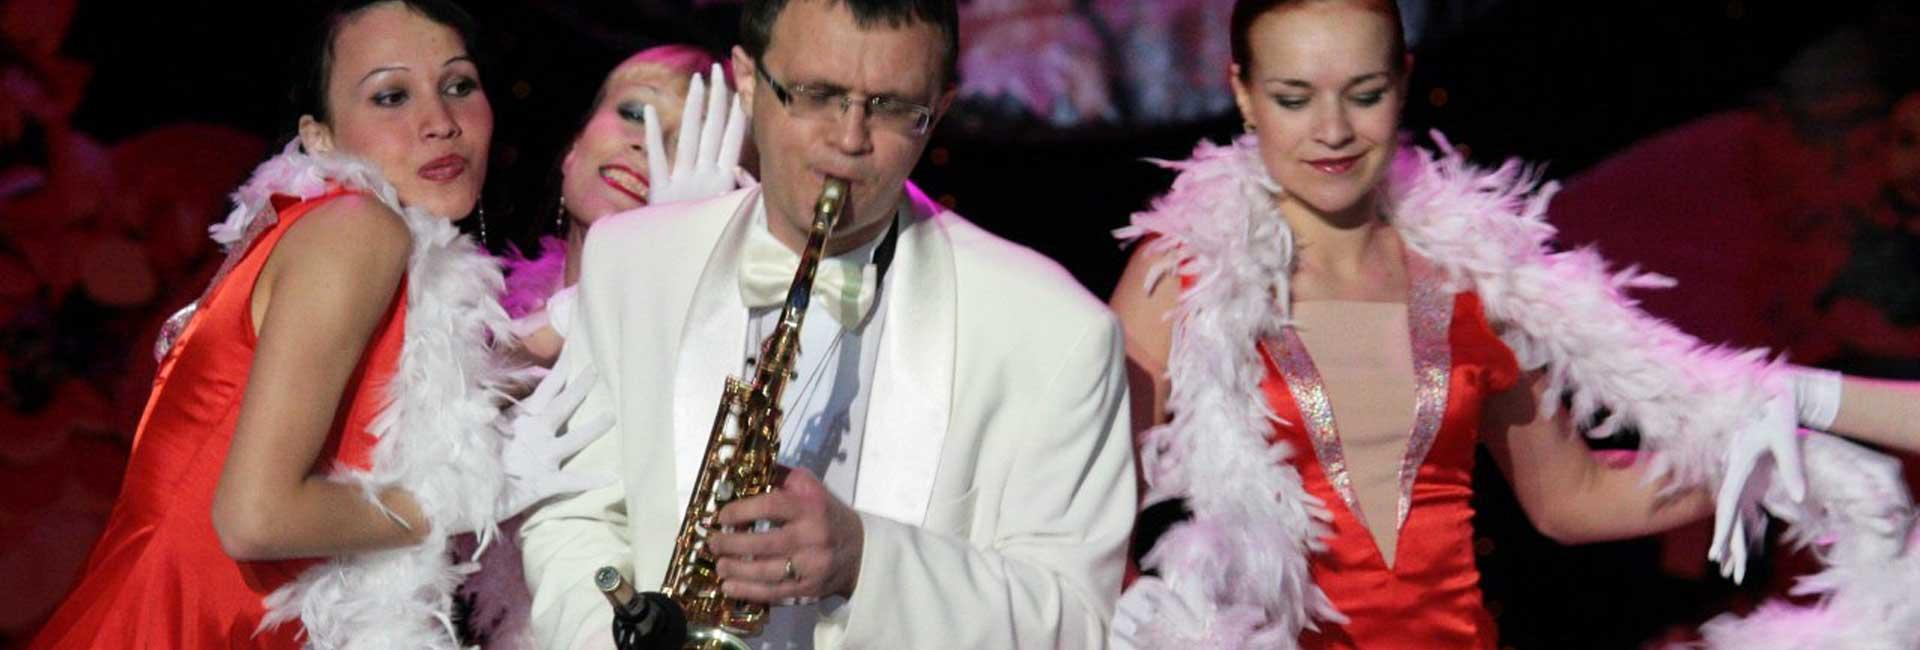 Музыкальная программа Владимира Петрова — популярные произведения на саксофоне